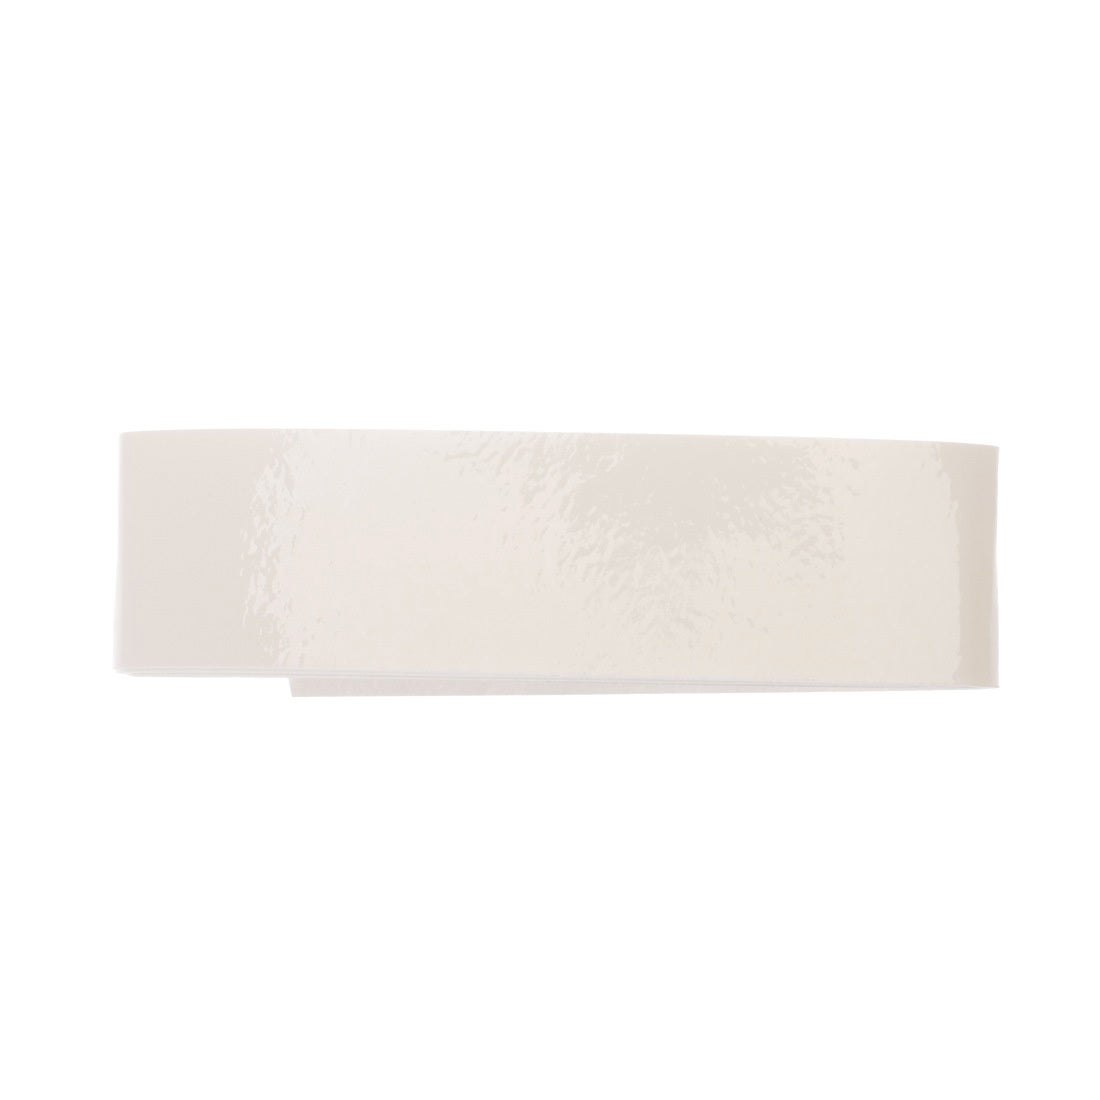 イグニオ IGNIO テニス グリップテープ 2041029007